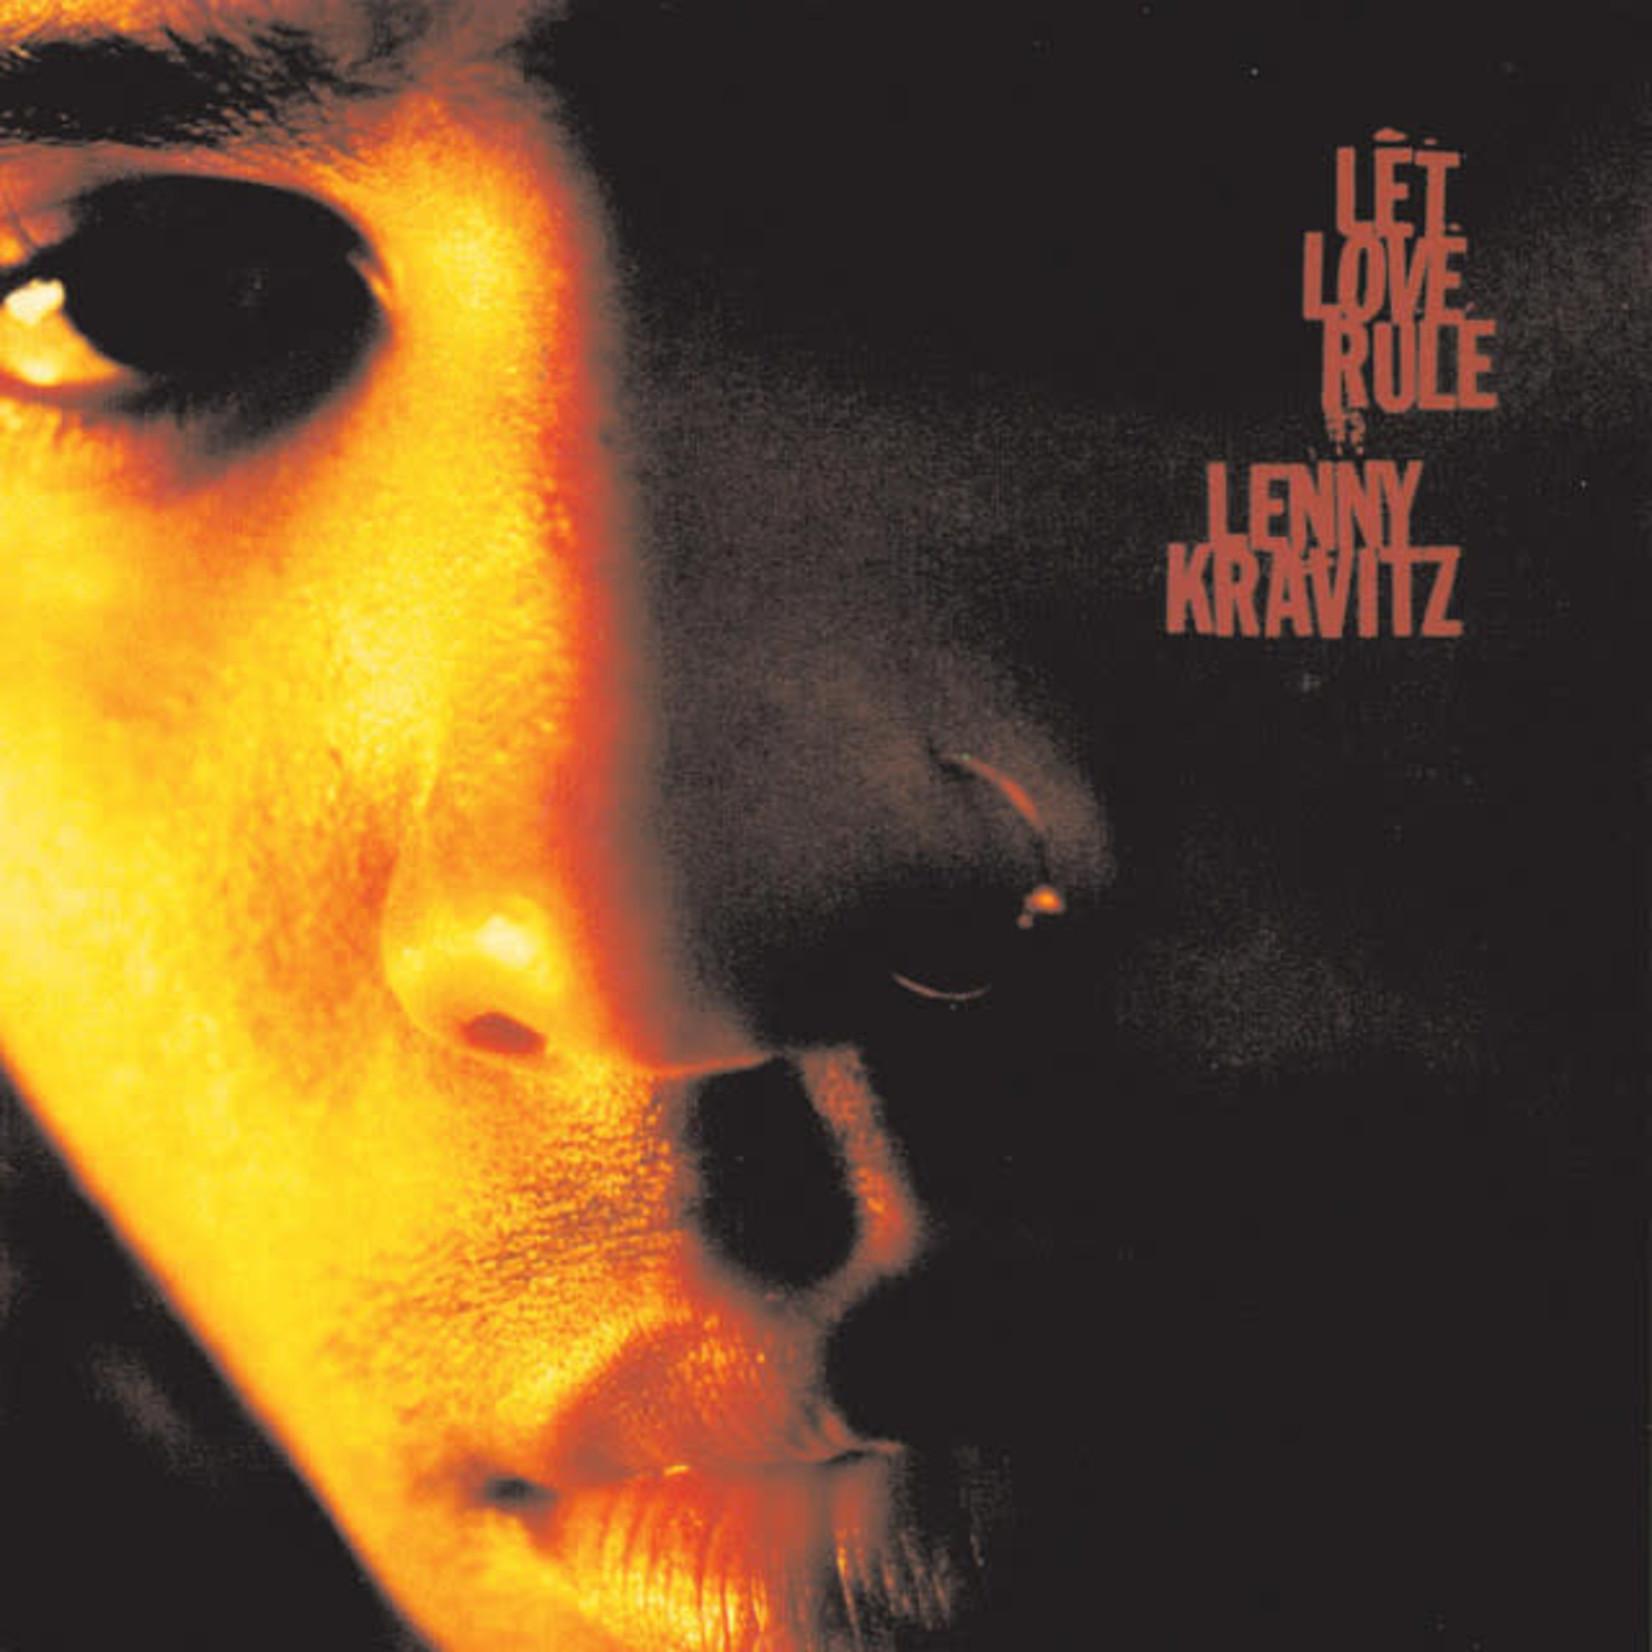 Vinyl Lenny Kravitz - Let Love Rule